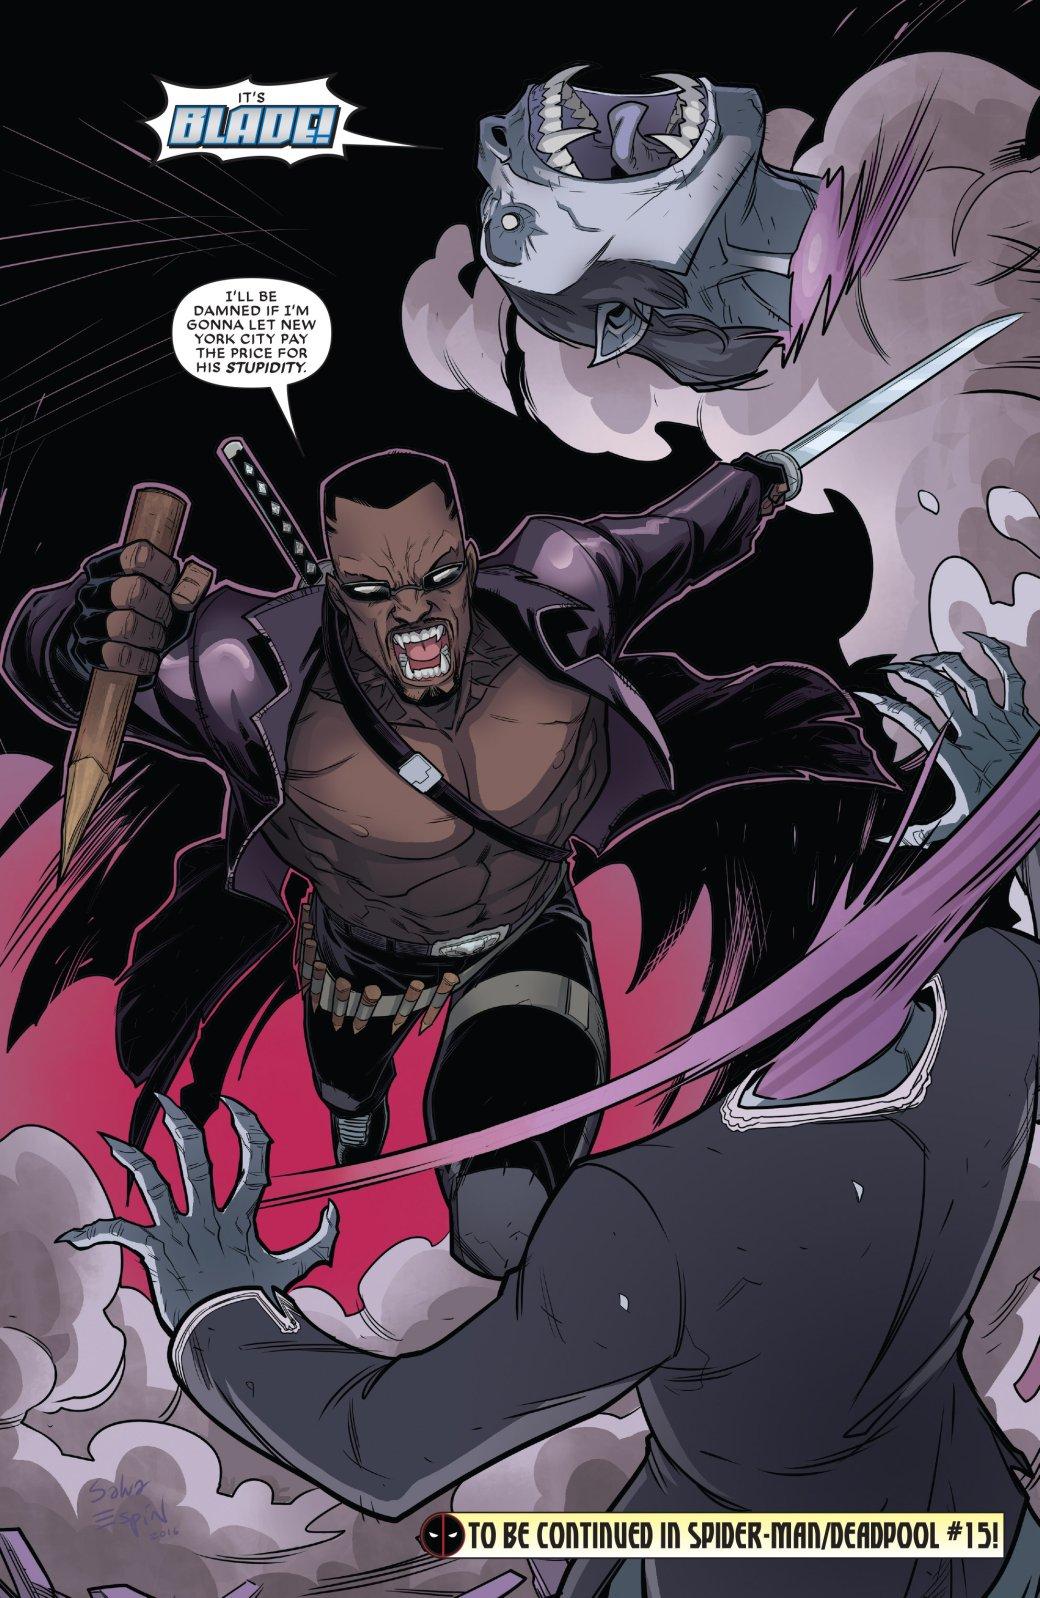 Кто такой Блэйд? Отохотника навампиров дочлена Мстителей исоюзника Людей Икс | Канобу - Изображение 150